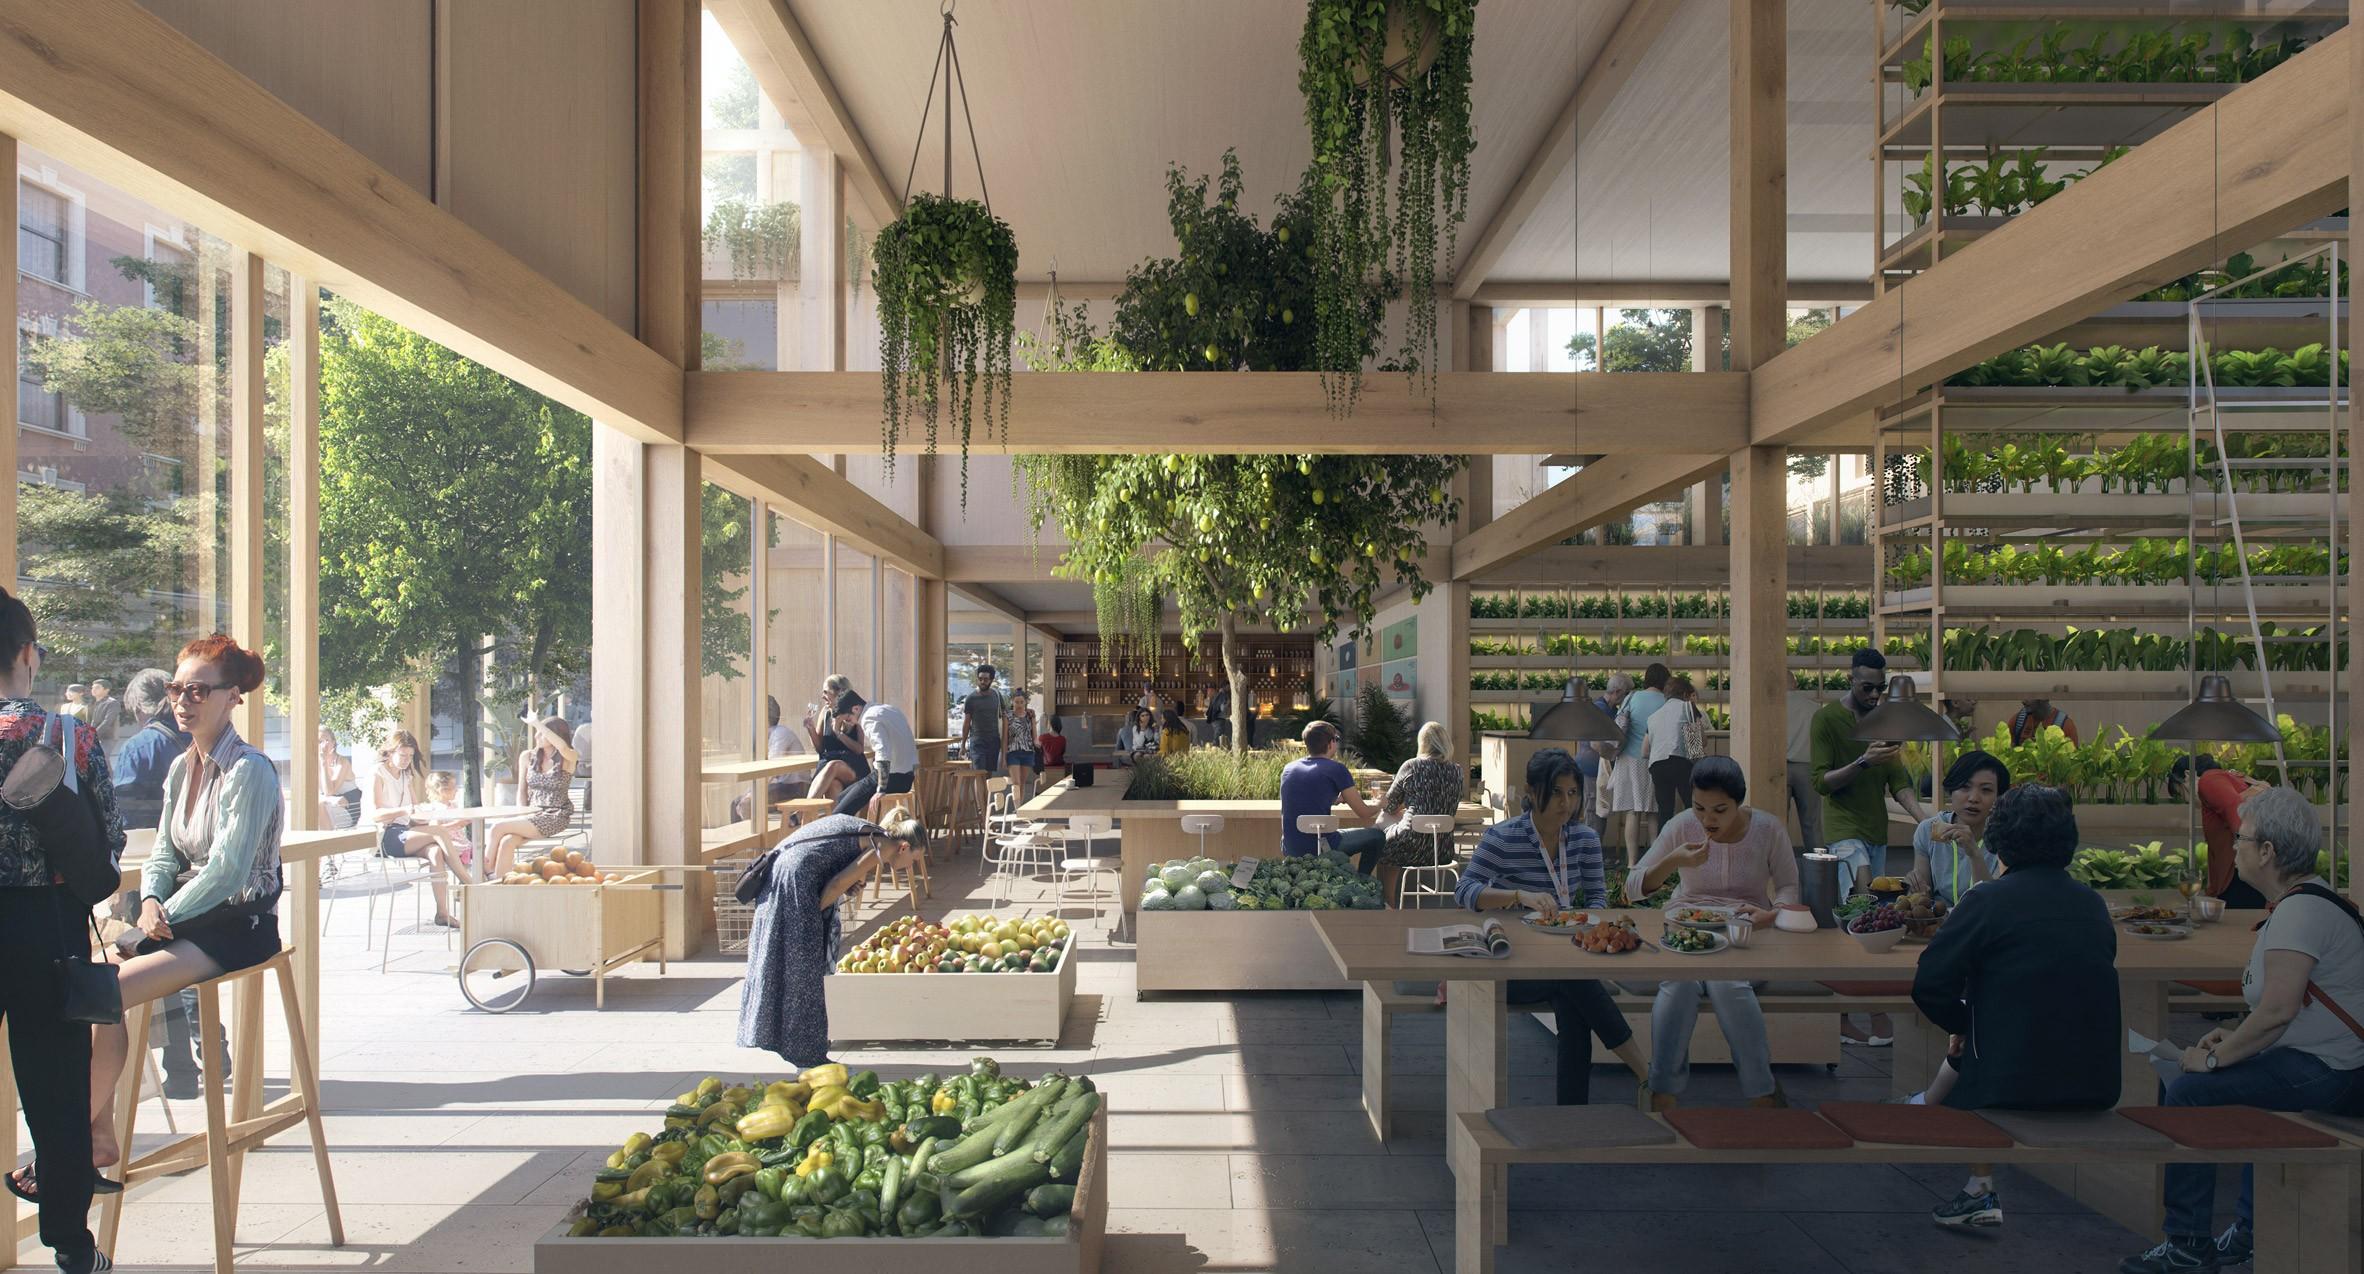 Projeto de bairro sustentável IKEA (Foto: Divulgação)